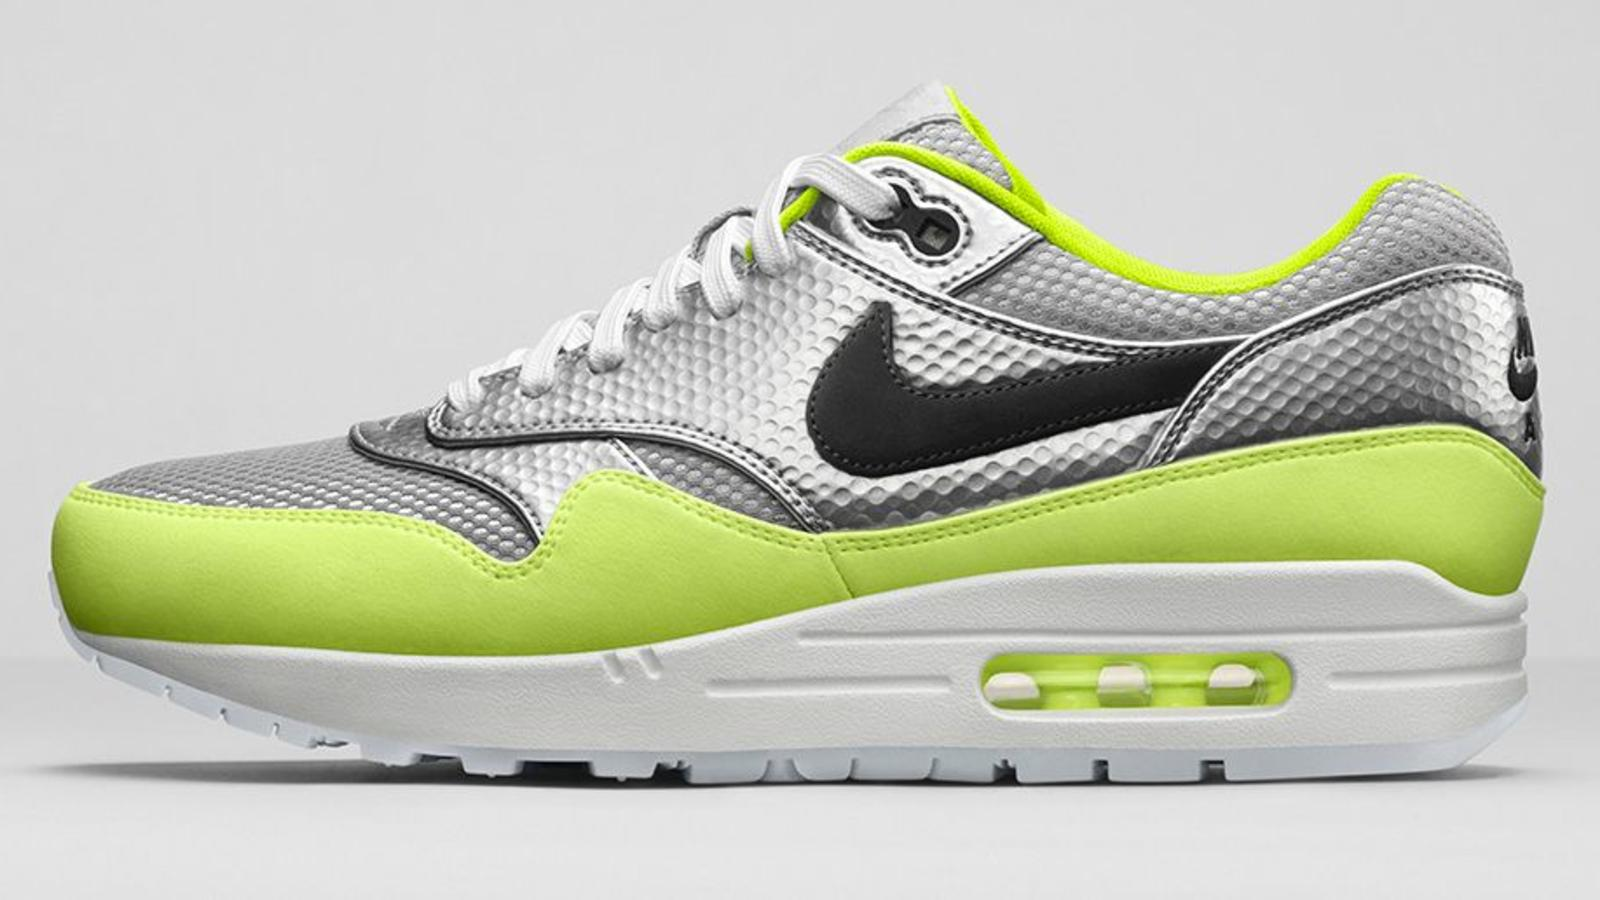 Nike Para Max Mercurial Limitada Na Air Busca 1 Inspiração Edição OPkZXiu